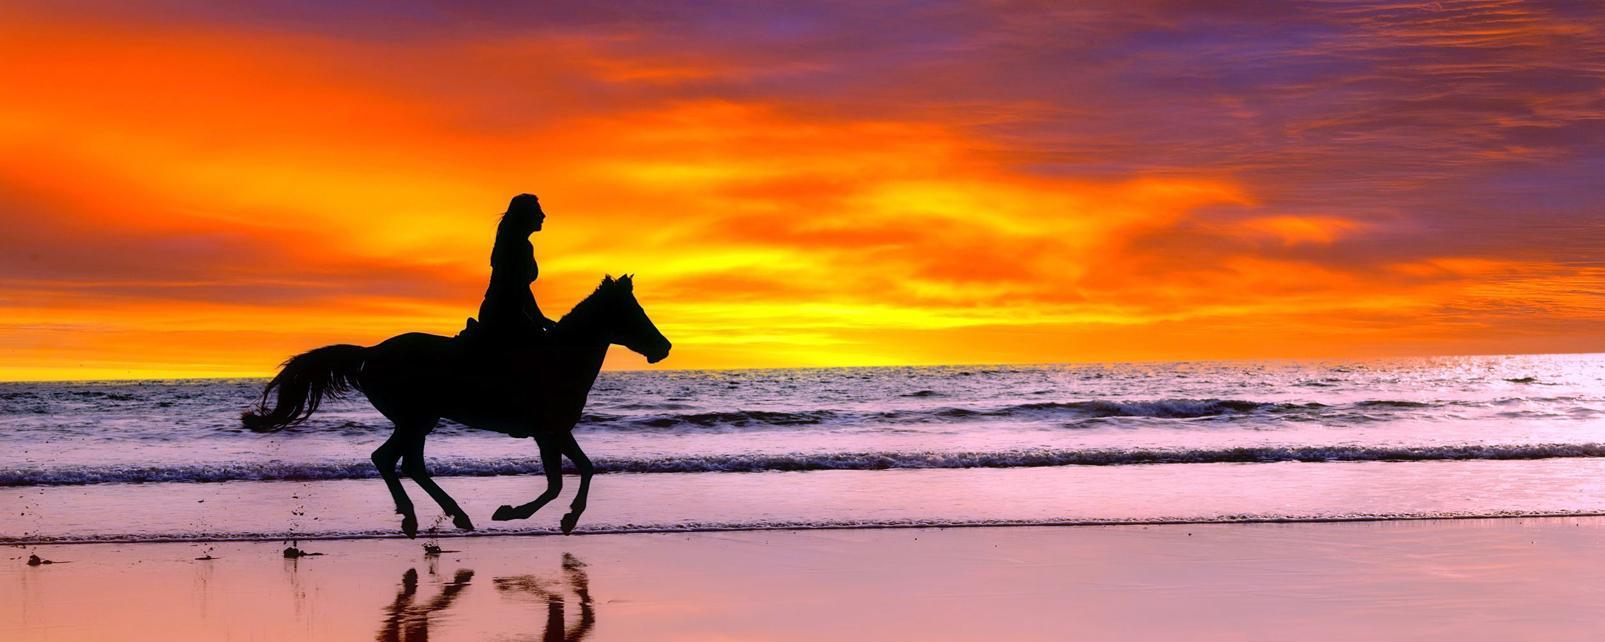 Amérique, Amérique du Sud, Salvador, plage, cheval, équitation, détente,